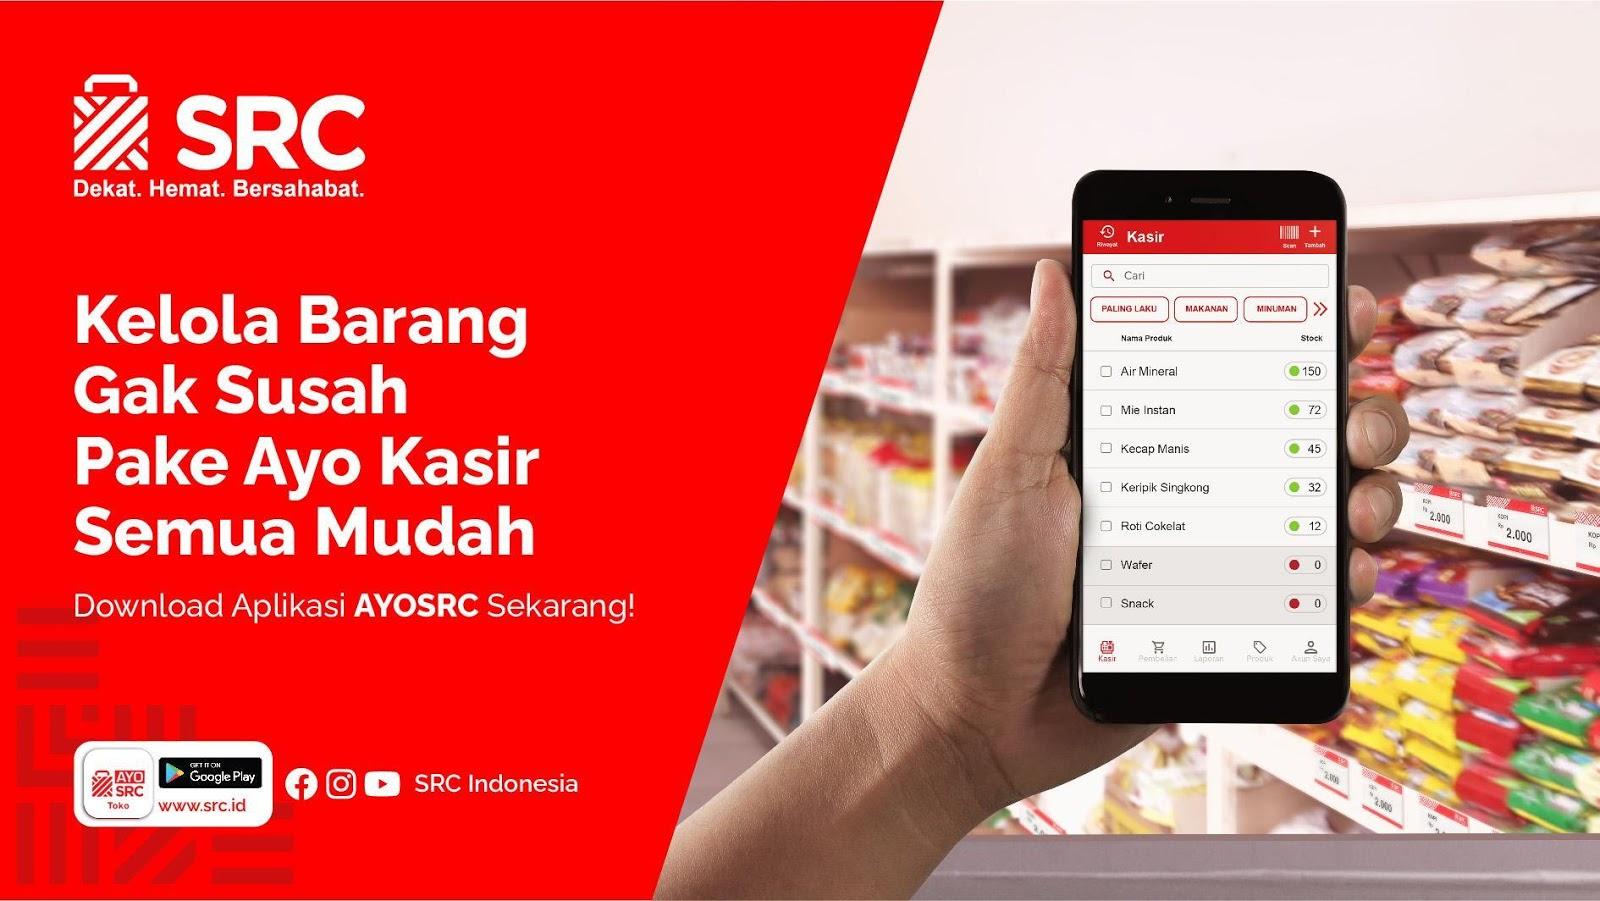 Aplikasi kasir toko AYO SRC Kasir